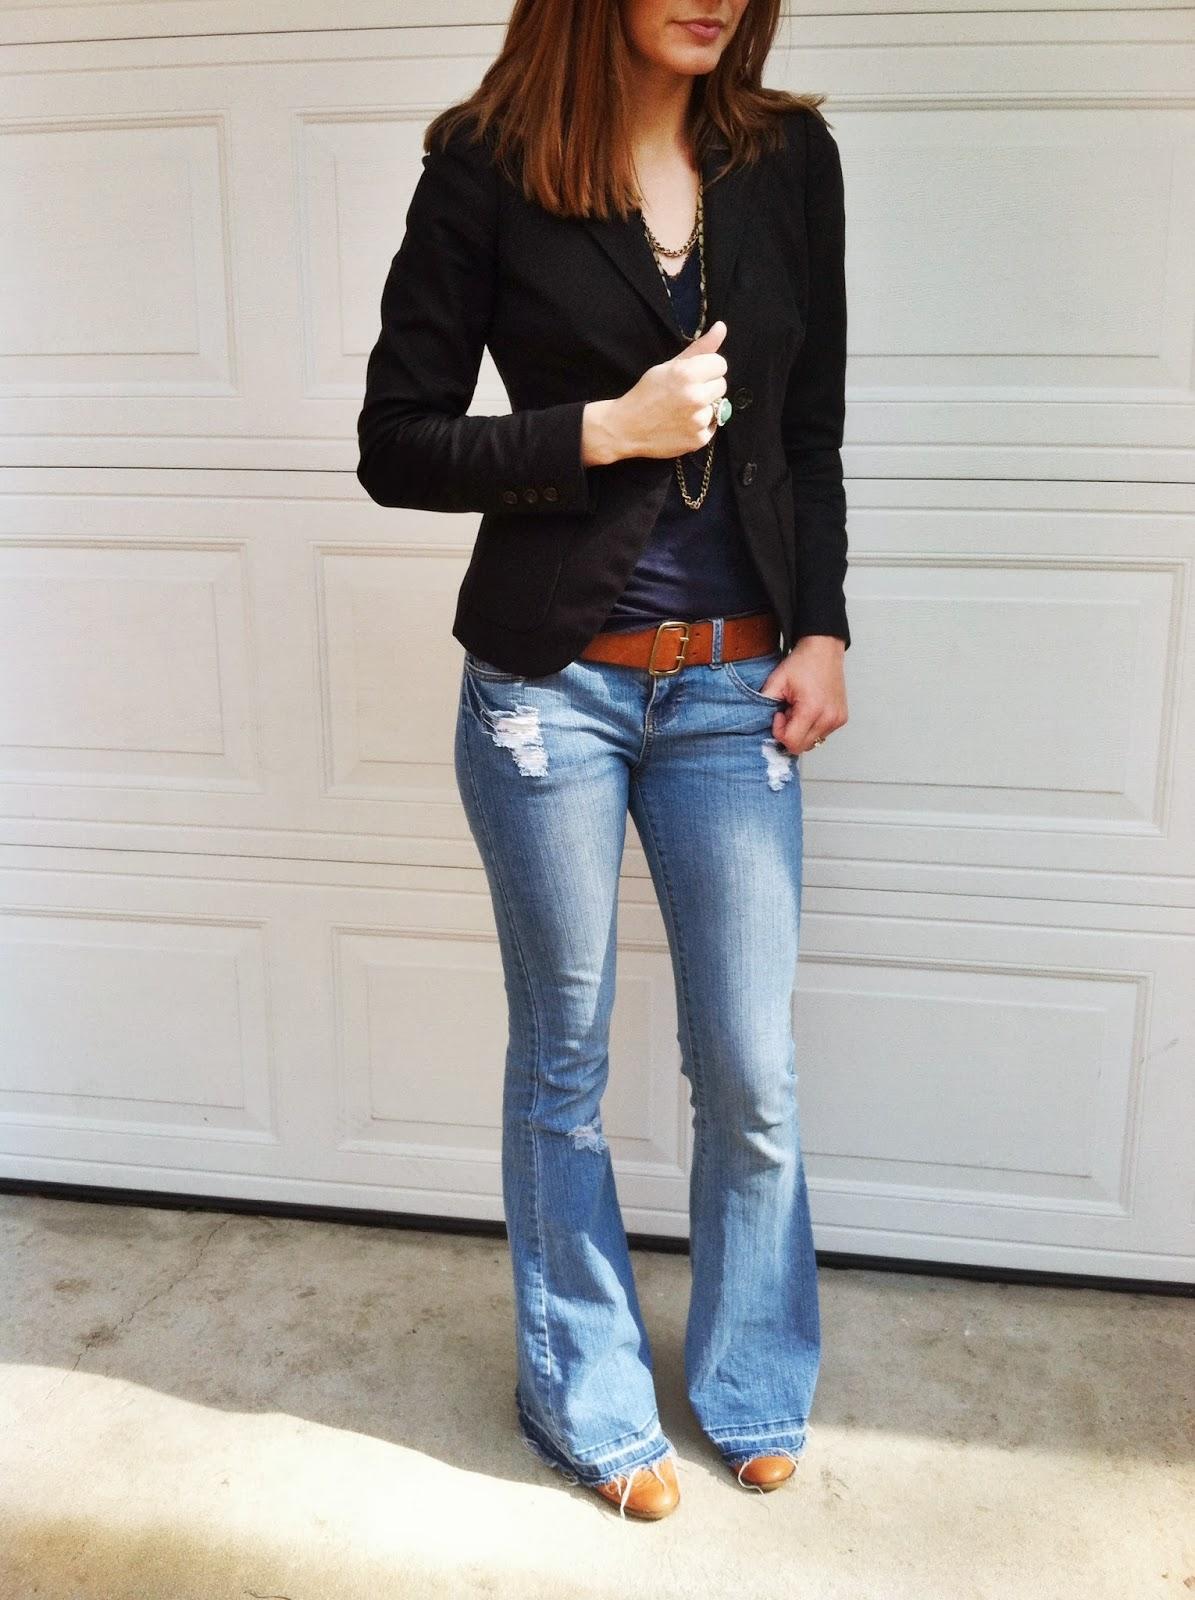 Jennifer Aniston Jeans 2013 Jennifer aniston's staple